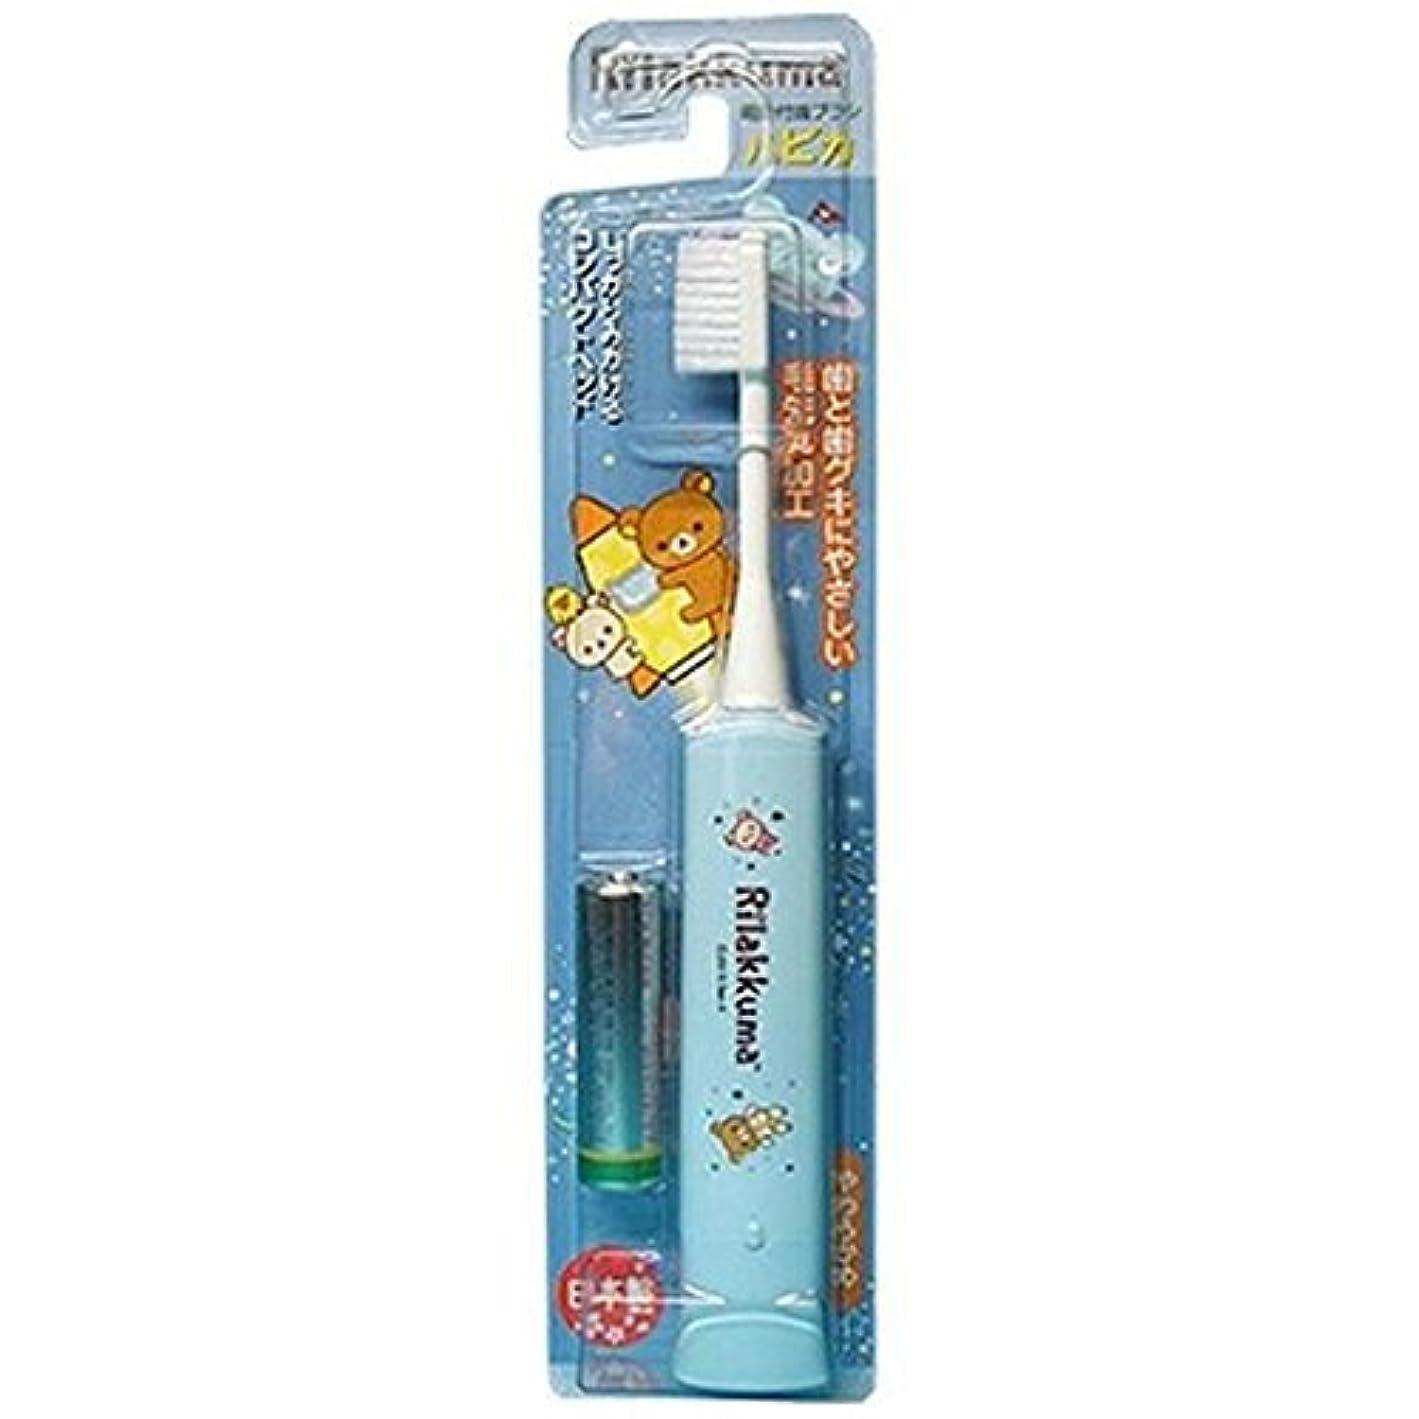 ボススーパーデッキミニマム 電動付歯ブラシ リラックマハピカ ブルー 毛の硬さ:やわらかめ DBM-5B(RK)